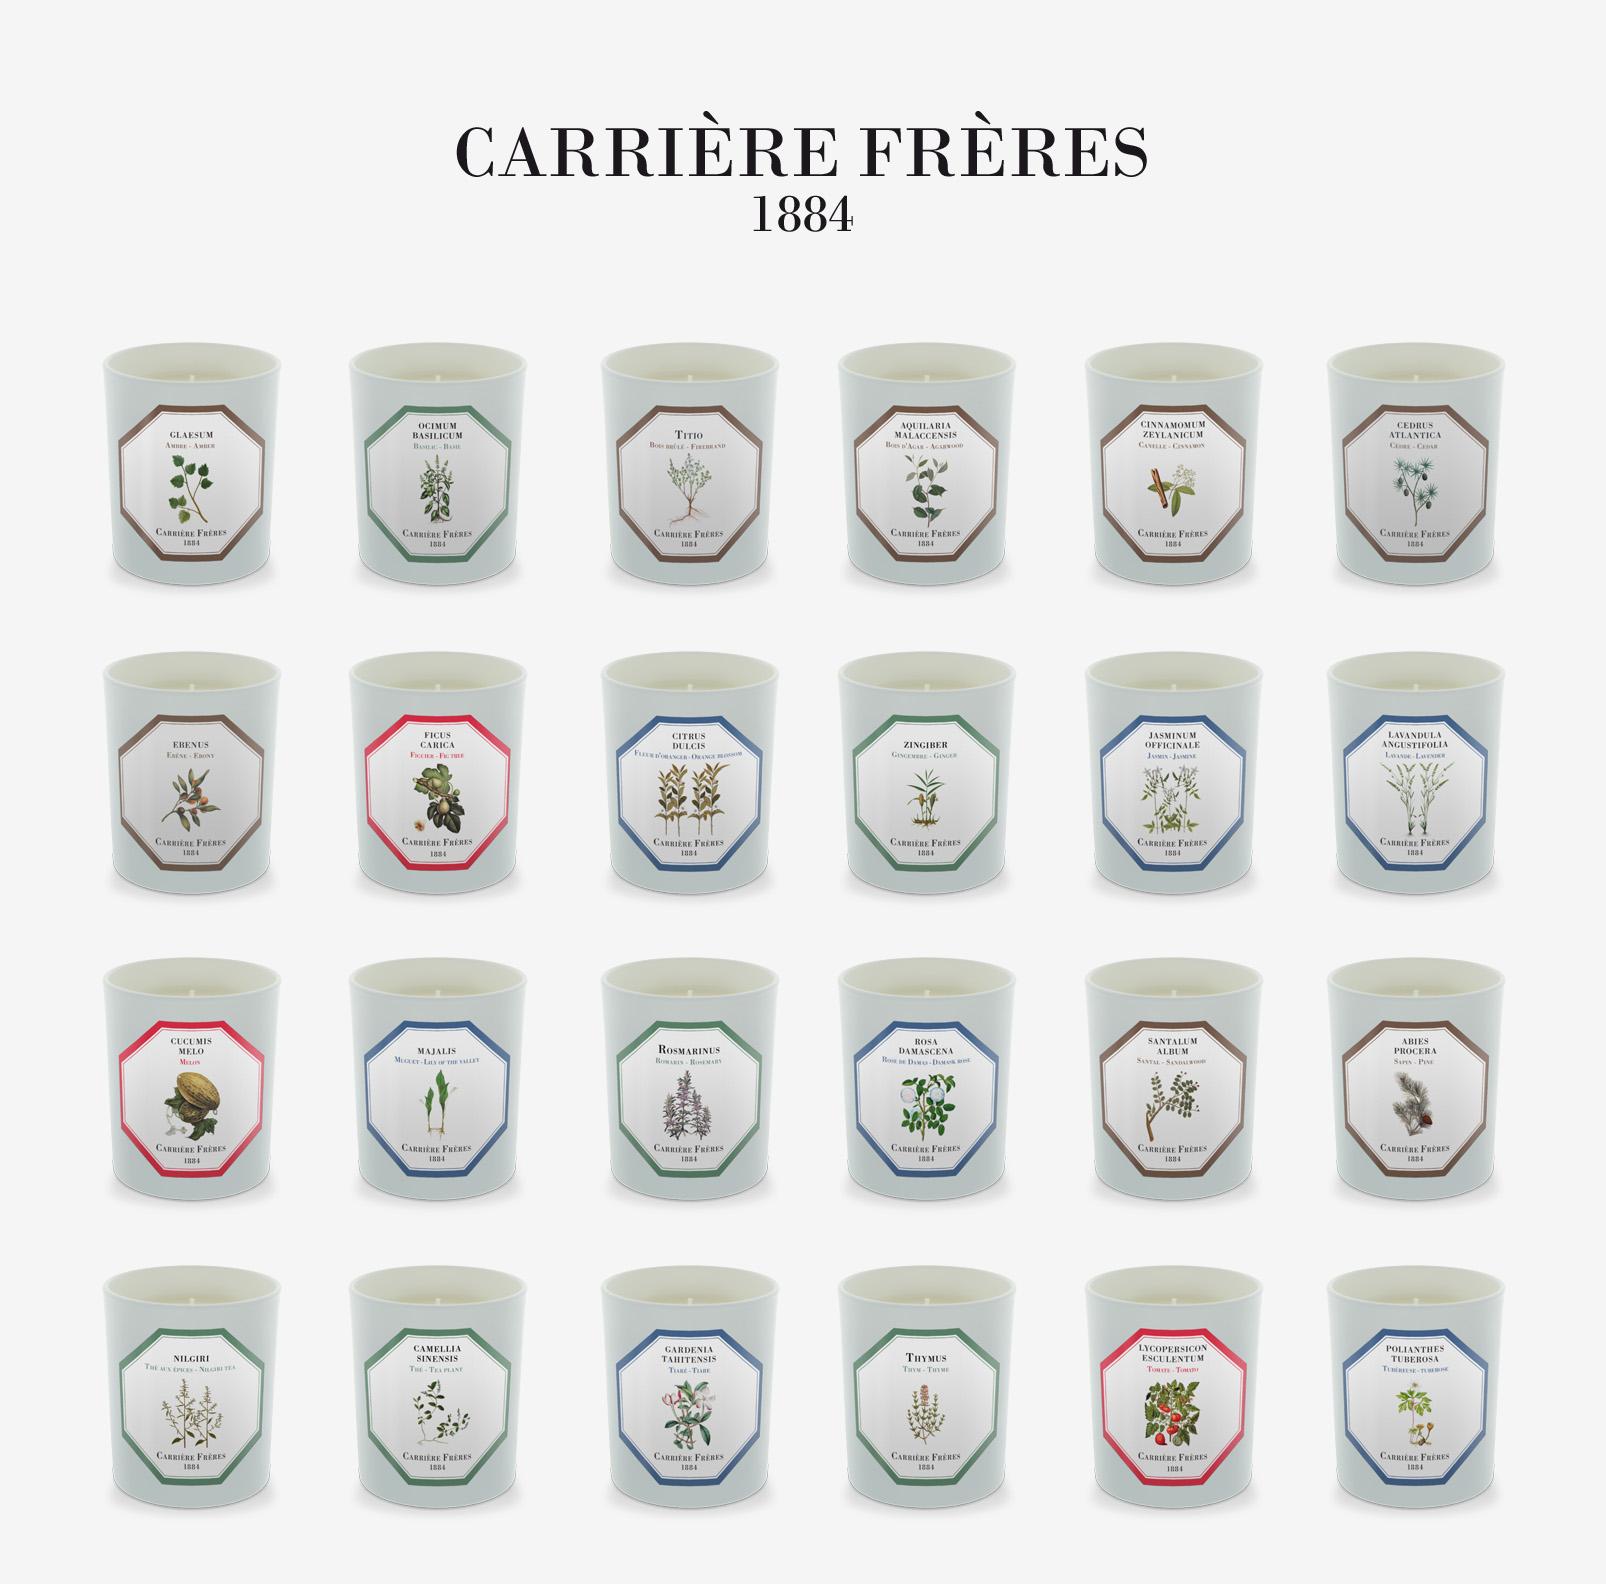 全系列1884FreresCarriere授权法国植物学家香氛香薰蜡烛现货